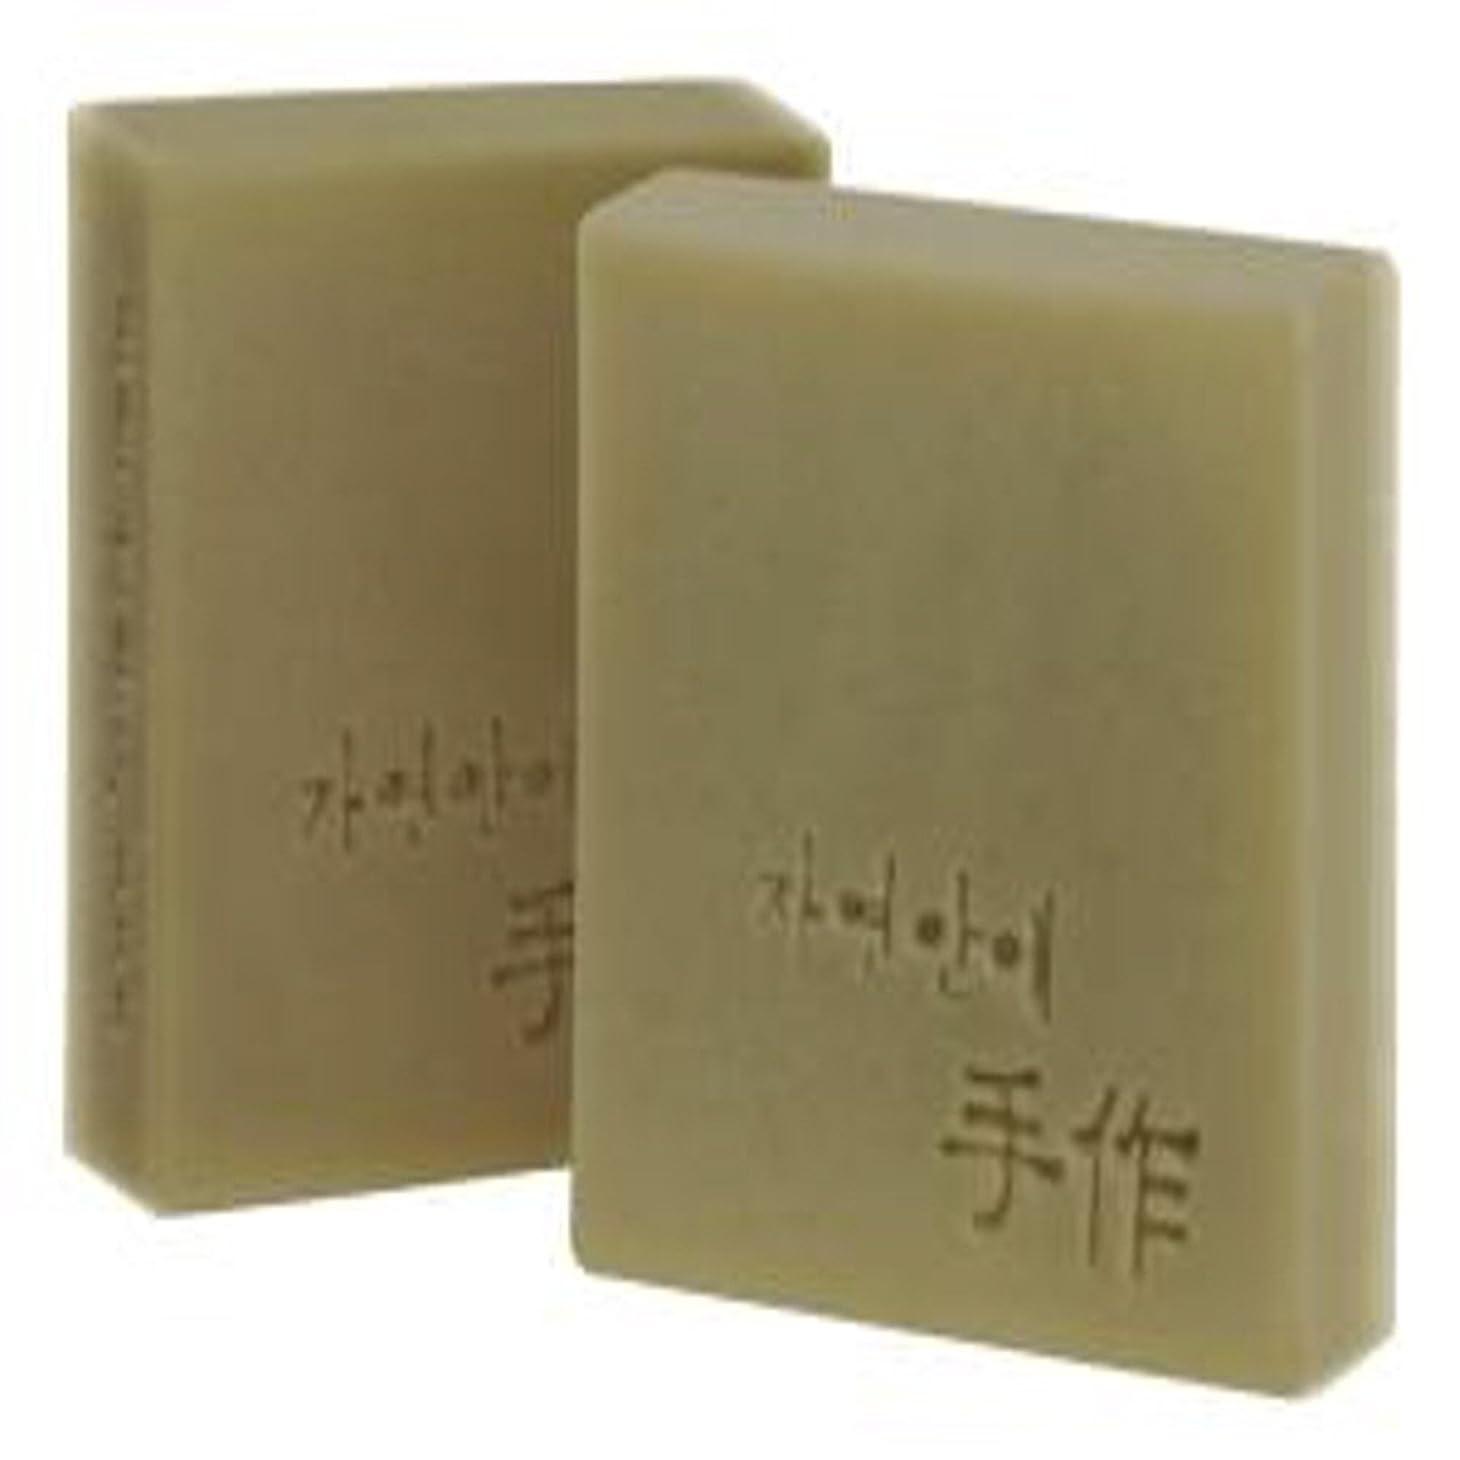 囲む浸す援助するNatural organic 有機天然ソープ 固形 無添加 洗顔せっけんクレンジング 石鹸 [並行輸入品] (バナナ)